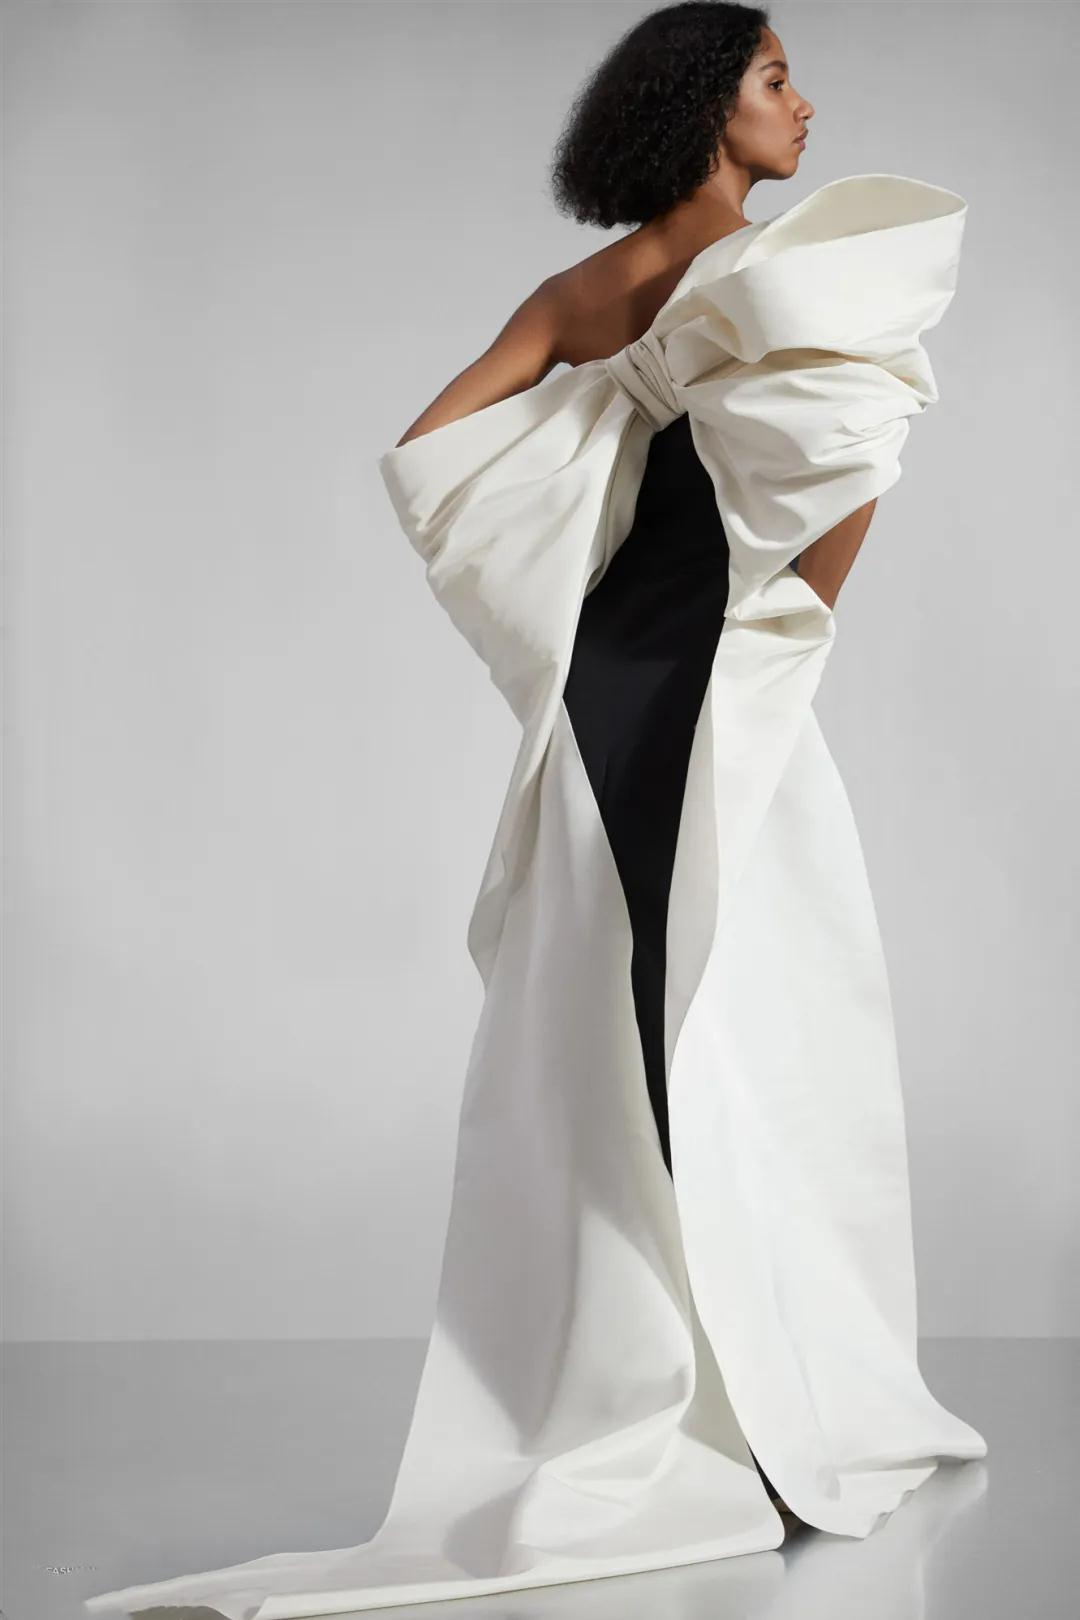 女装流行元素分析 蝴蝶结元素在服装设计中的运用(图6)